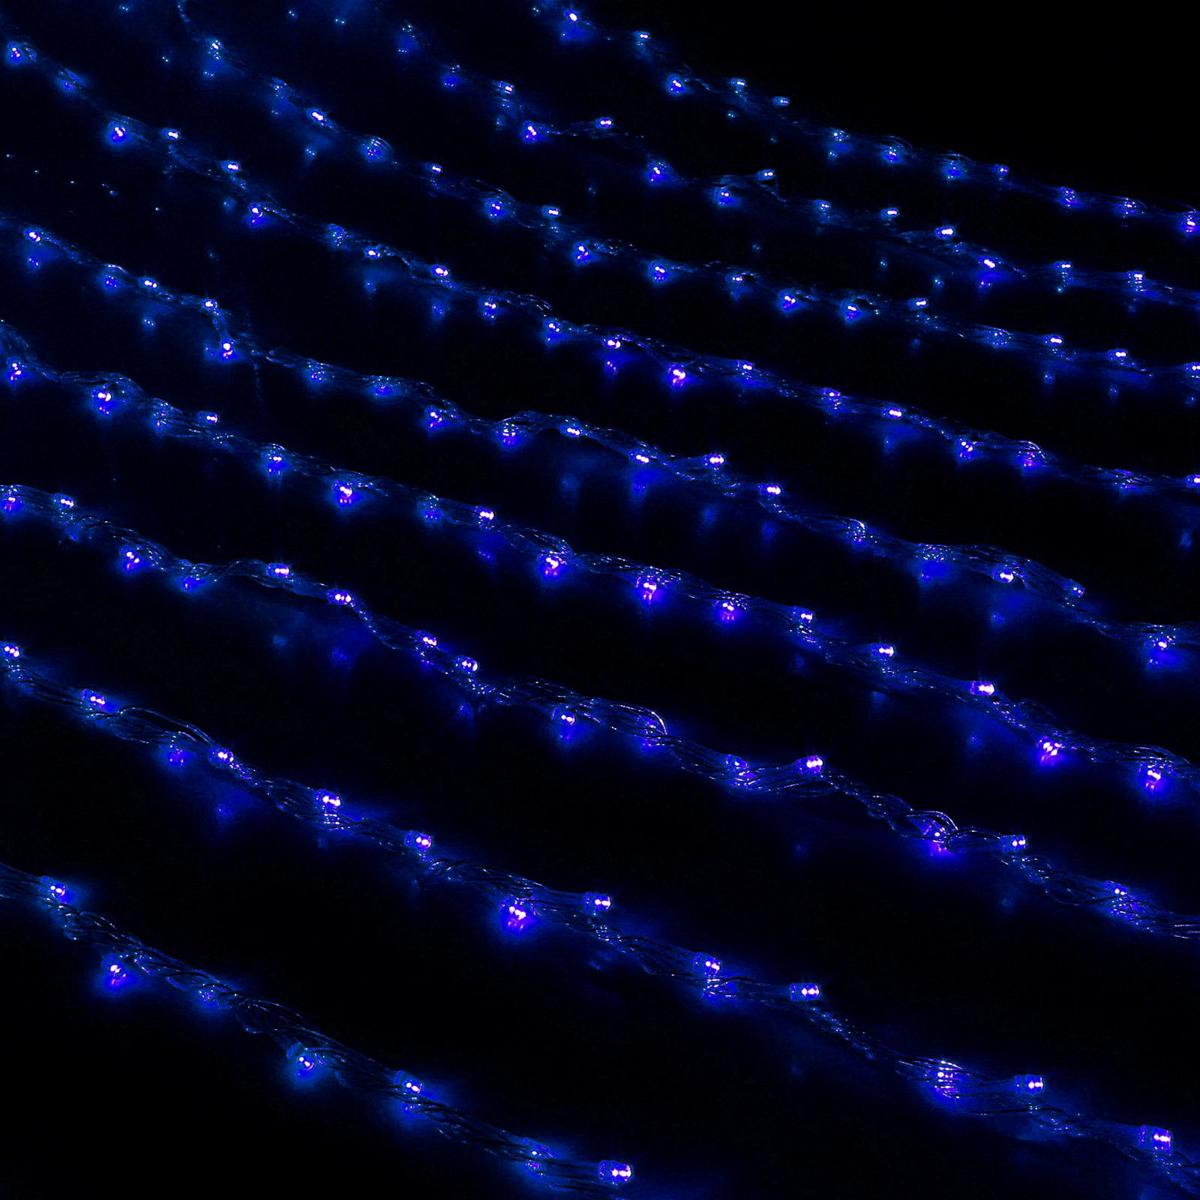 Гирлянда светодиодная Luazon Дождь, уличная, 8 режимов, 800 ламп, 220 V, цвет: синий, 2 х 3 м. 706345706345Светодиодные гирлянды, ленты и т.д — это отличный вариант для новогоднего оформления интерьера или фасада. С их помощью помещение любого размера можно превратить в праздничный зал, а внешние элементы зданий, украшенные ими, мгновенно станут напоминать очертания сказочного дворца. Такие украшения создают ауру предвкушения чуда. Деревья, фасады, витрины, окна и арки будто специально созданы, чтобы вы украсили их светящимися нитями.